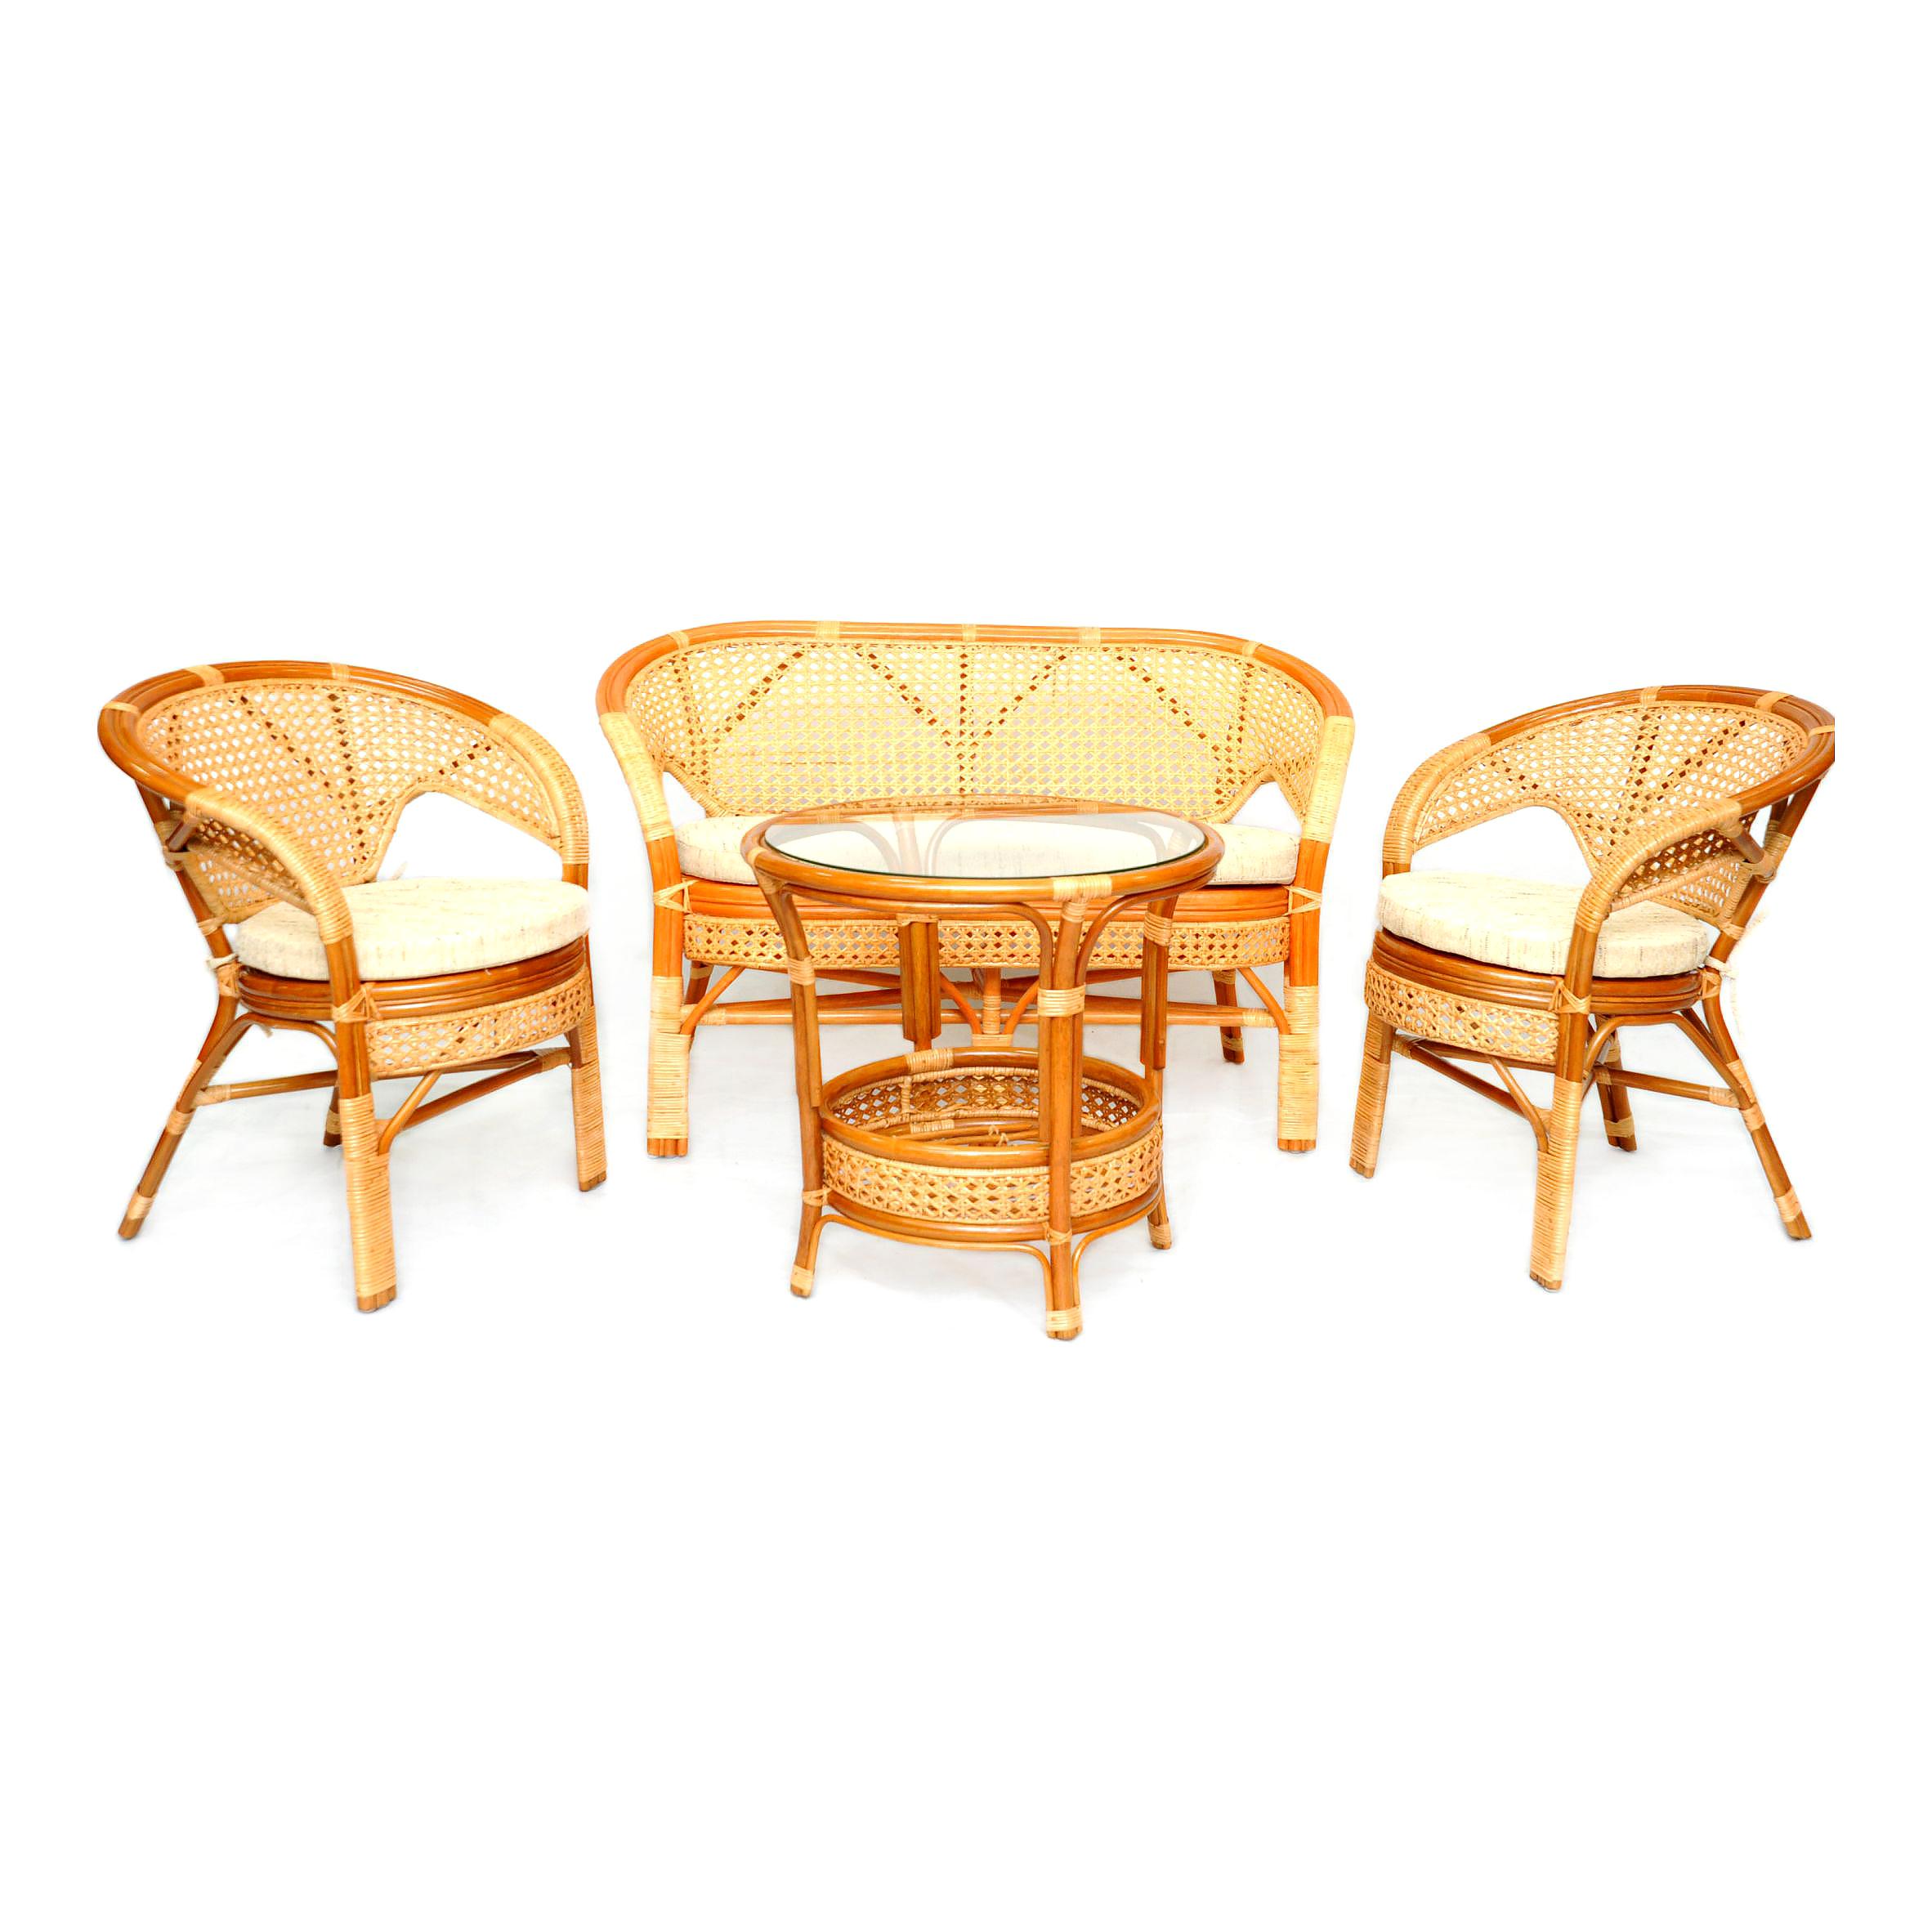 Комплект кофейный ПелангиКомплекты уличной мебели<br>Несмотря на изящное плетение из ротанга, этот комплект мебели может выдерживать большой вес. Важным достоинством является анатомическая спинка и сплошное ротанговое плетение сидения и спинки, что позволяет использовать комплект без подушки.В комплект входят два кресла, диван, мягкие подушки (на сидение), столик со стеклом (вставляется в паз).&amp;lt;div&amp;gt;&amp;lt;br&amp;gt;&amp;lt;/div&amp;gt;&amp;lt;div&amp;gt;Материал каркаса:  натуральный ротанг&amp;lt;/div&amp;gt;&amp;lt;div&amp;gt;Цвет:  коньячный&amp;lt;/div&amp;gt;&amp;lt;div&amp;gt;Мягкая обивка/подушка:  ткань рогожка&amp;lt;/div&amp;gt;&amp;lt;div&amp;gt;Размер: диван 123х70х78 см., кресло 66х70х78 см., стол 61х61х64 см&amp;lt;/div&amp;gt;&amp;lt;div&amp;gt;Выдерживаемая нагрузка, кг:  100.&amp;lt;/div&amp;gt;<br><br>Material: Ротанг<br>Ширина см: 123<br>Высота см: 78<br>Глубина см: 70